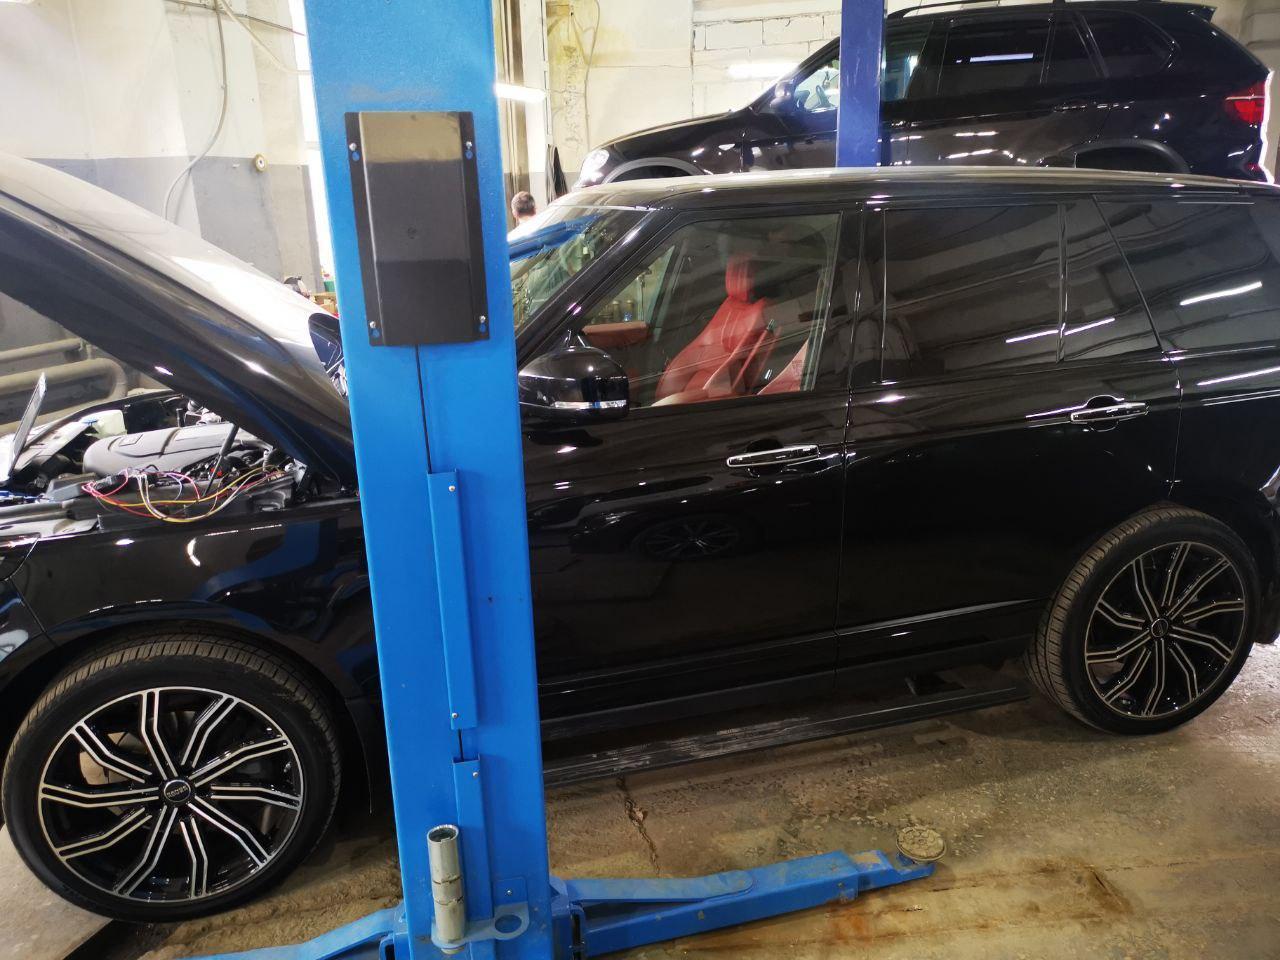 Range Rover 3.0 дизель, 2018 год выпуска